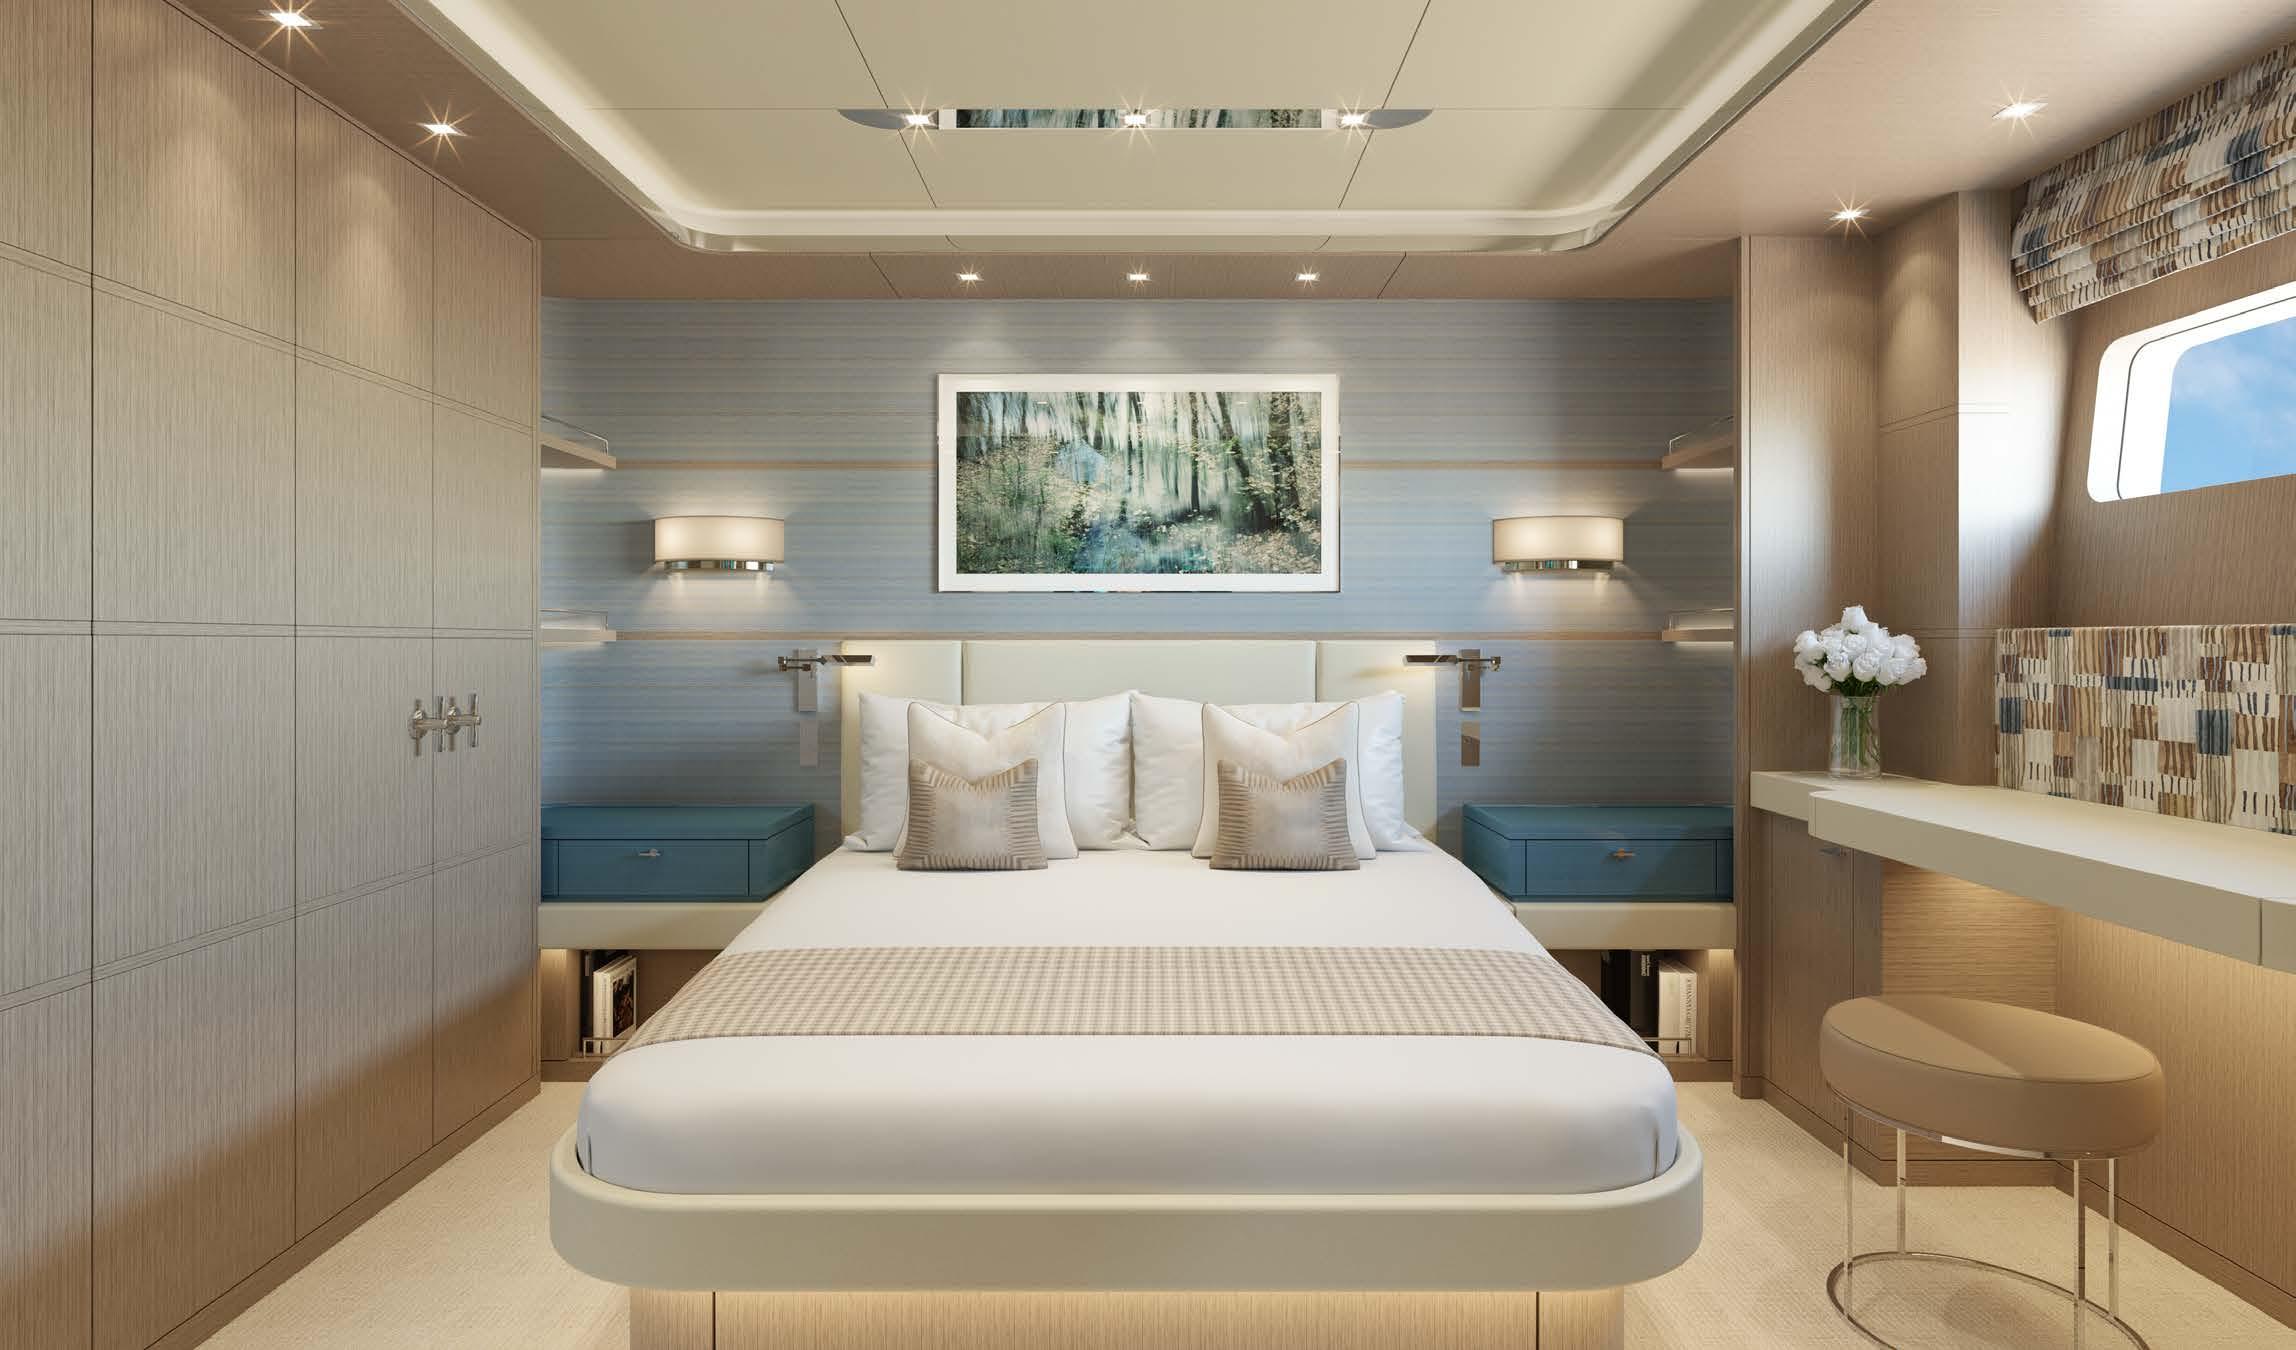 M/Y MOONEN Y201 yacht for sale master bed